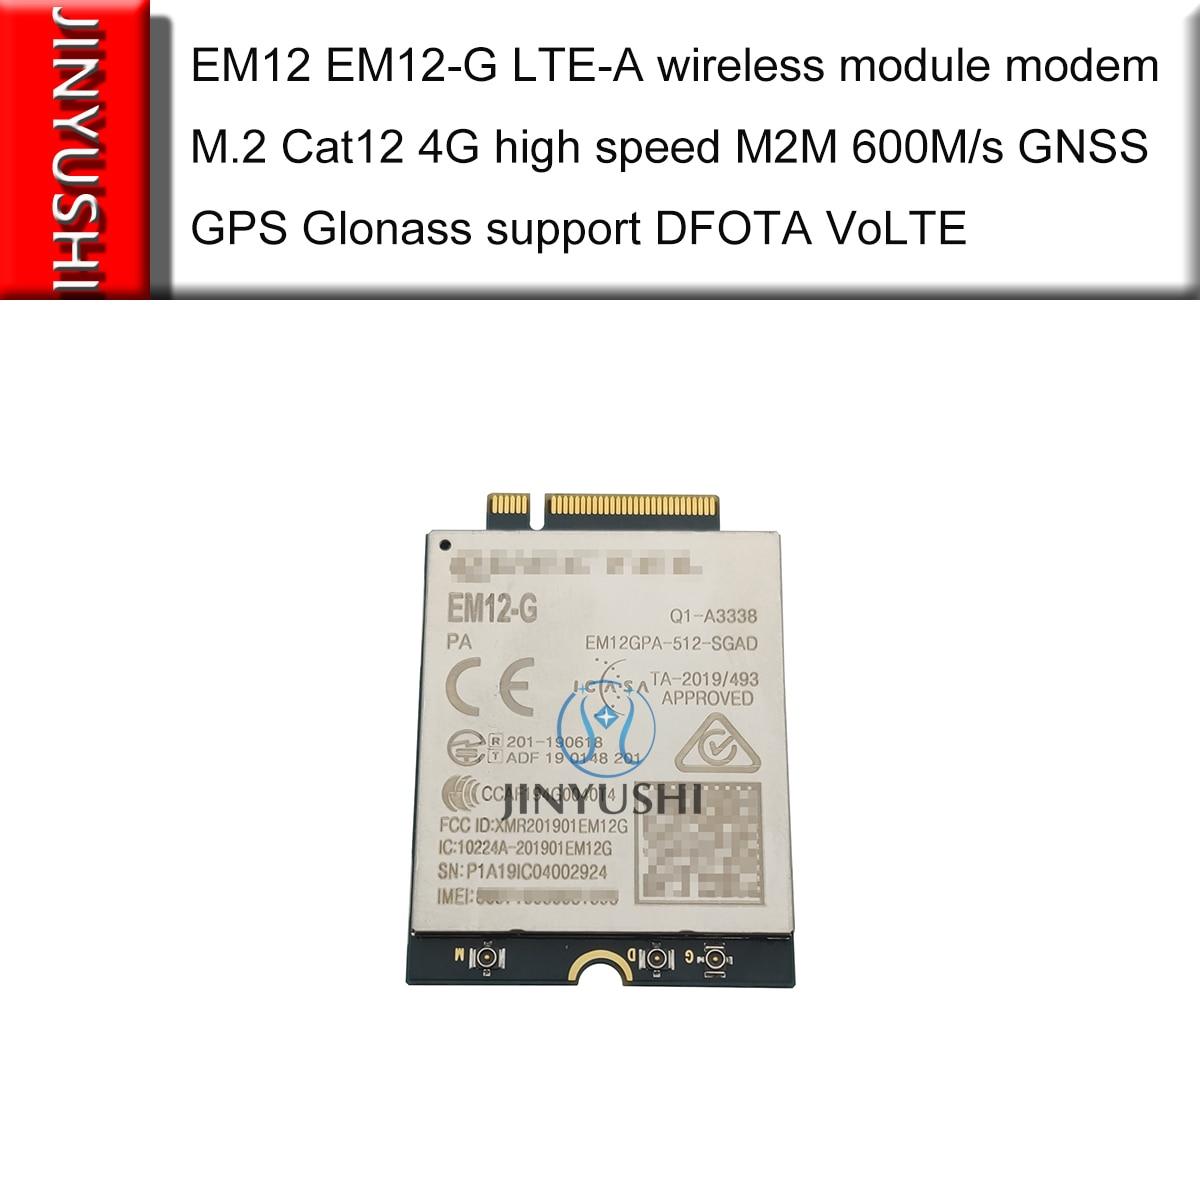 JINYUSHI No Fake EM12 EM12-G LTE-A Wireless Module Modem M.2 Cat12 4G High Speed M2M 600M/s GNSS GPS Glonass Support DFOTA VoLTE